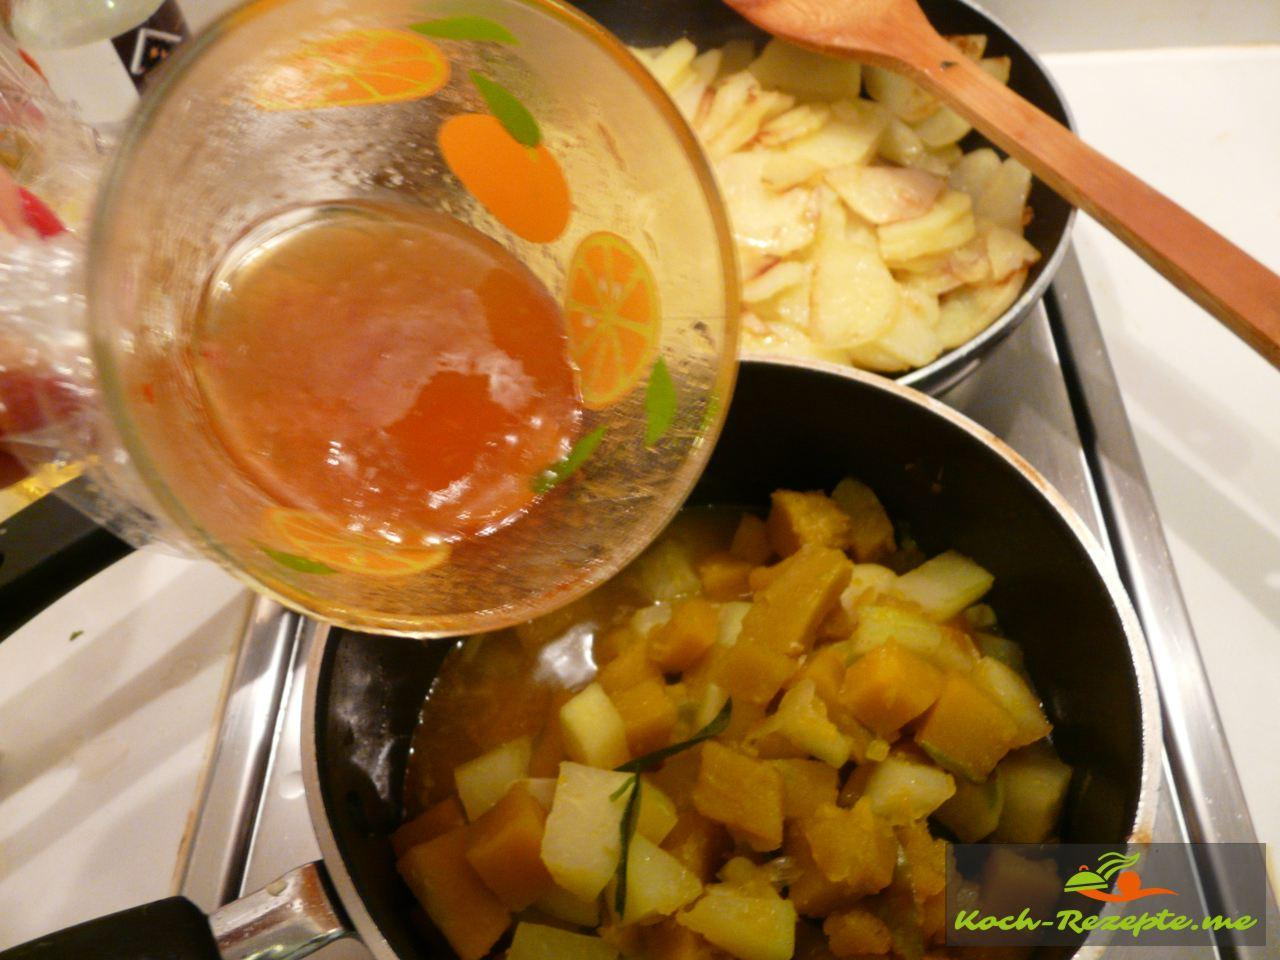 Ins Pumpkin-Pataya Gemüse  noch etwas  Mango-Melonen Chutney  geben, eventuel andicken mit Speisestärke